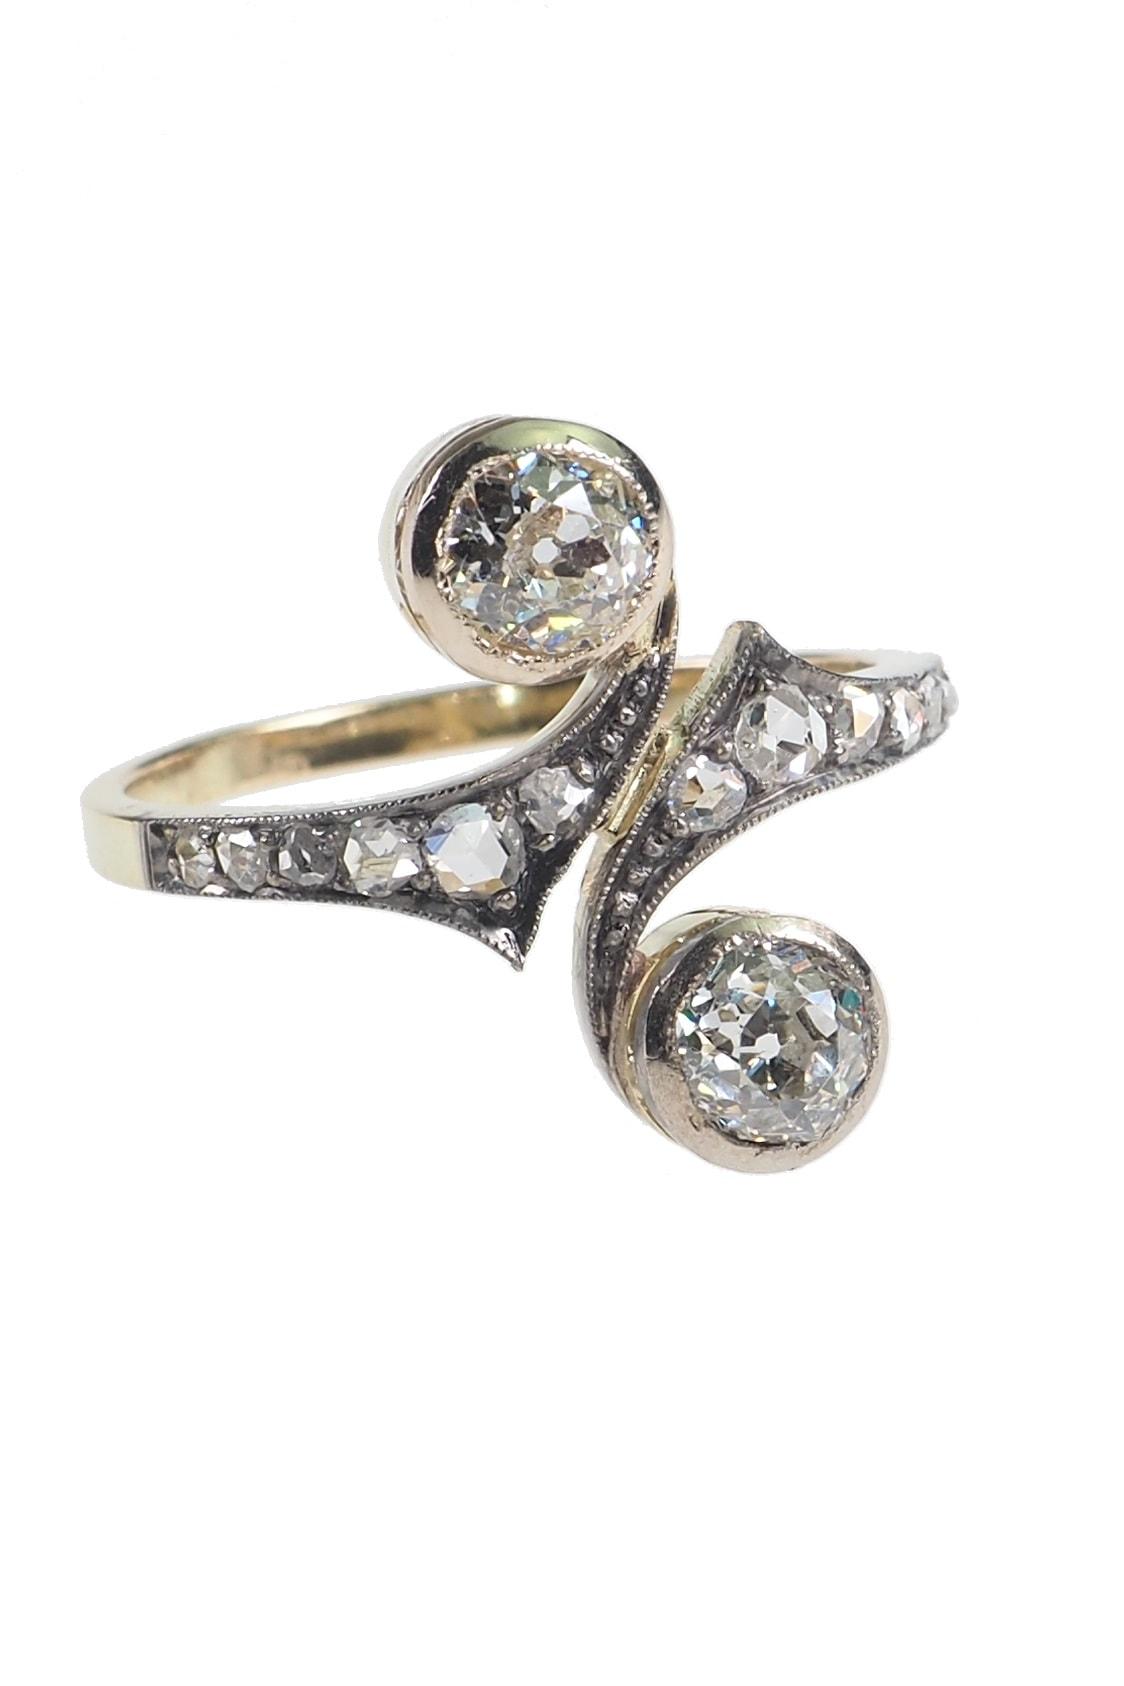 Verlobungsringe-online-kaufen-1735a